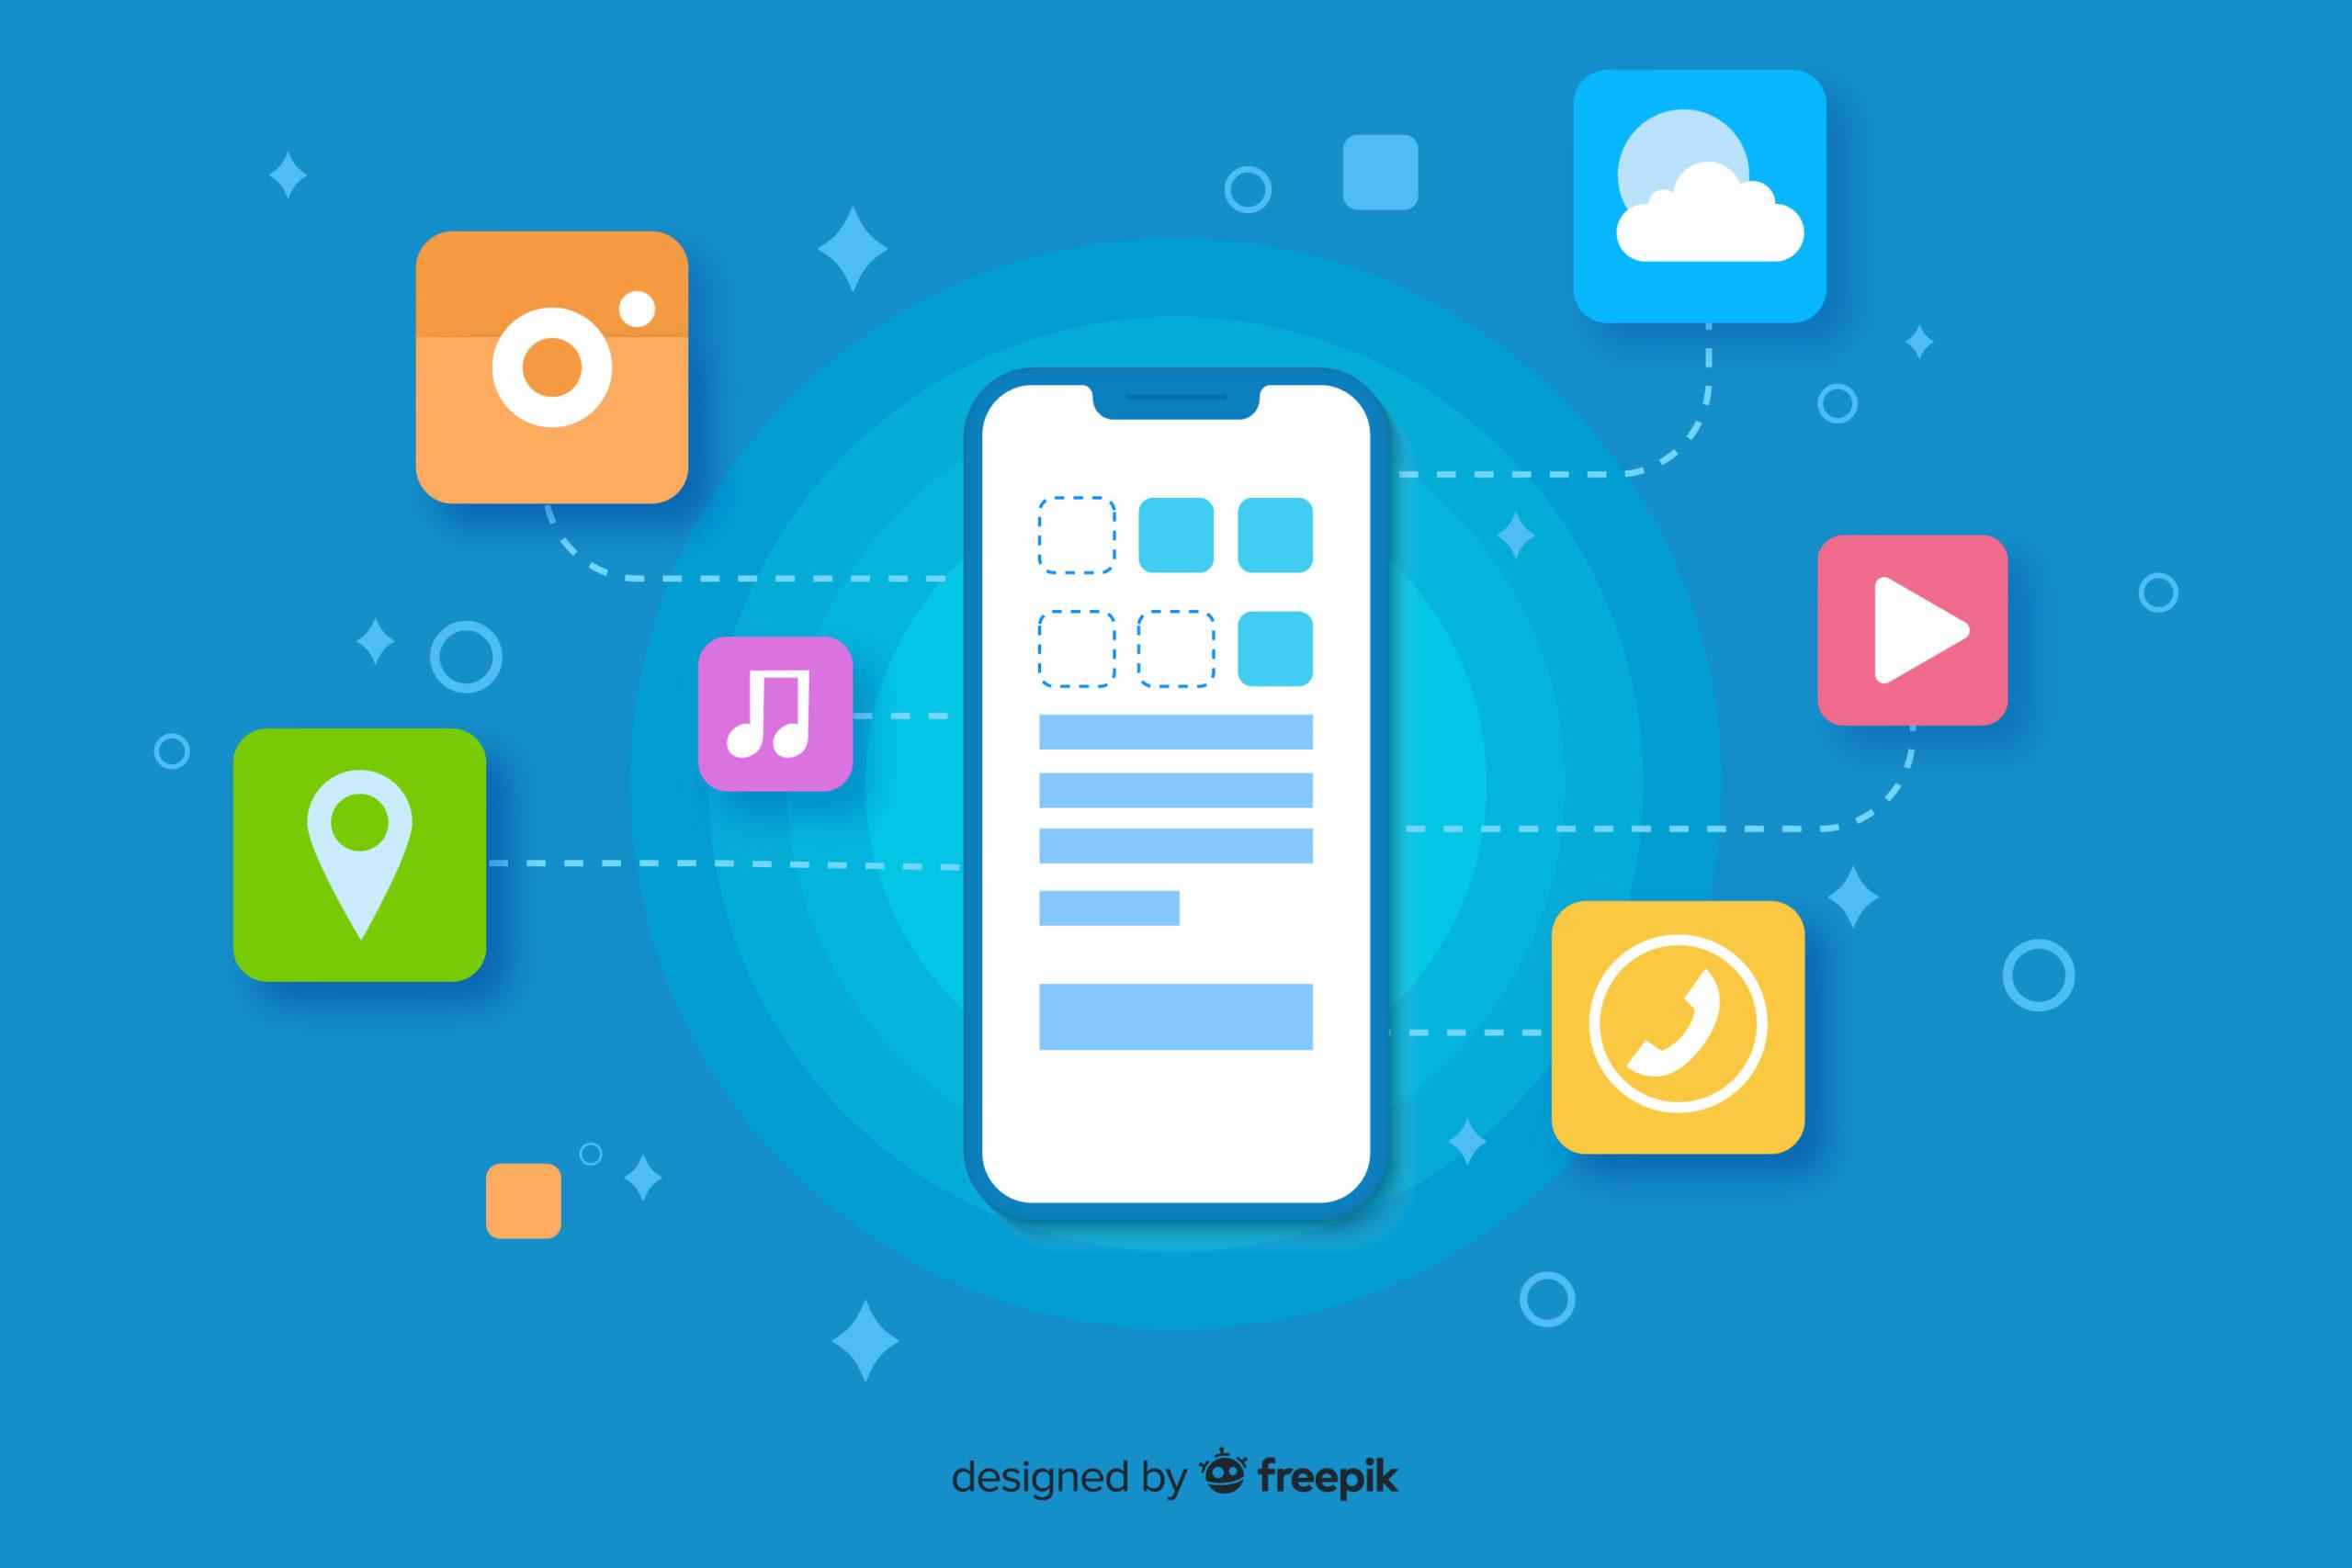 Eine eigene App biete viele Möglichkeiten